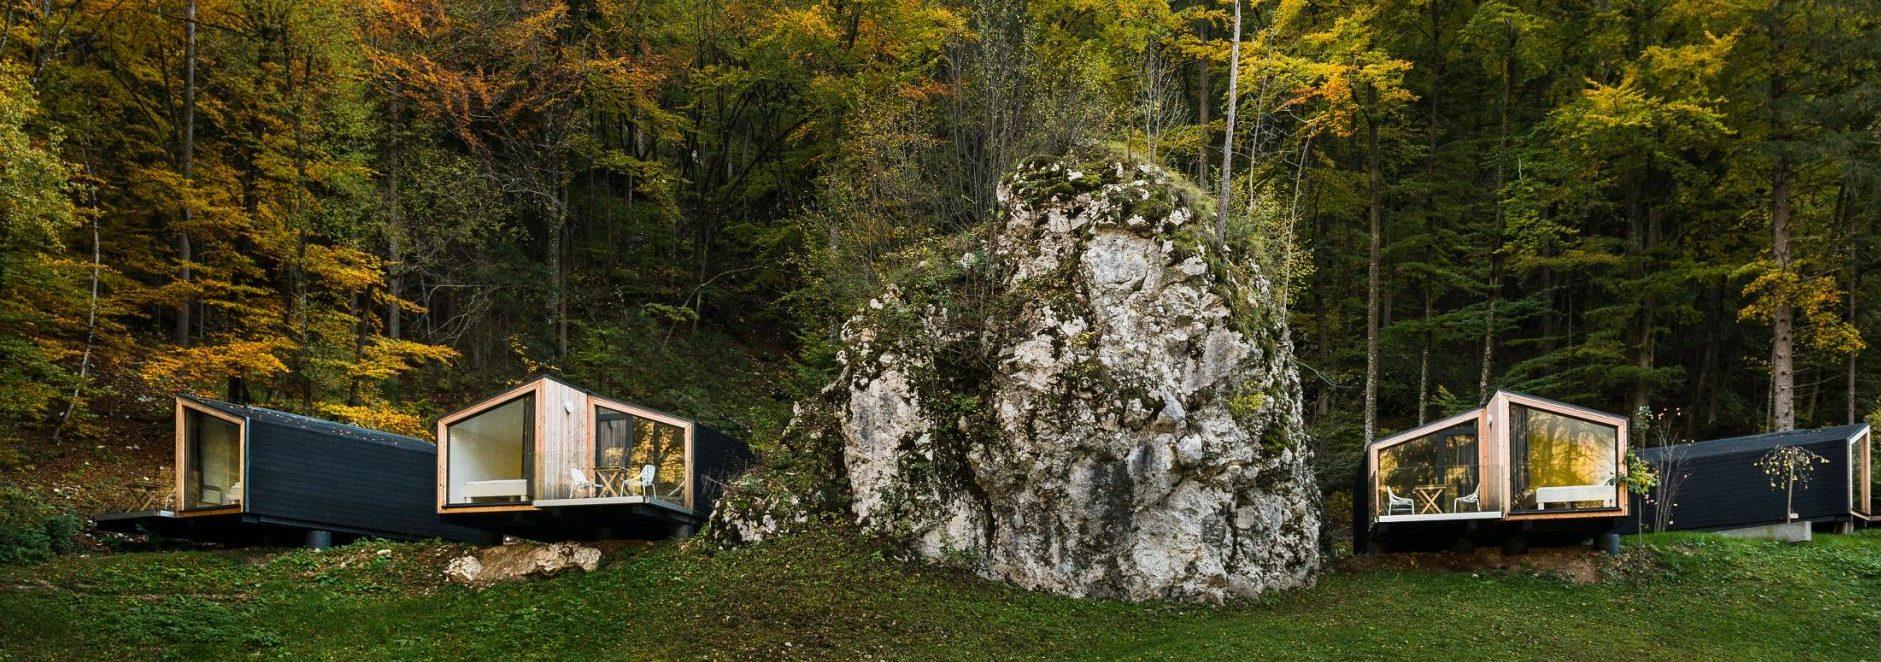 Une Maison Prefabriquee Ecologique En Bois La Mini Maison Com